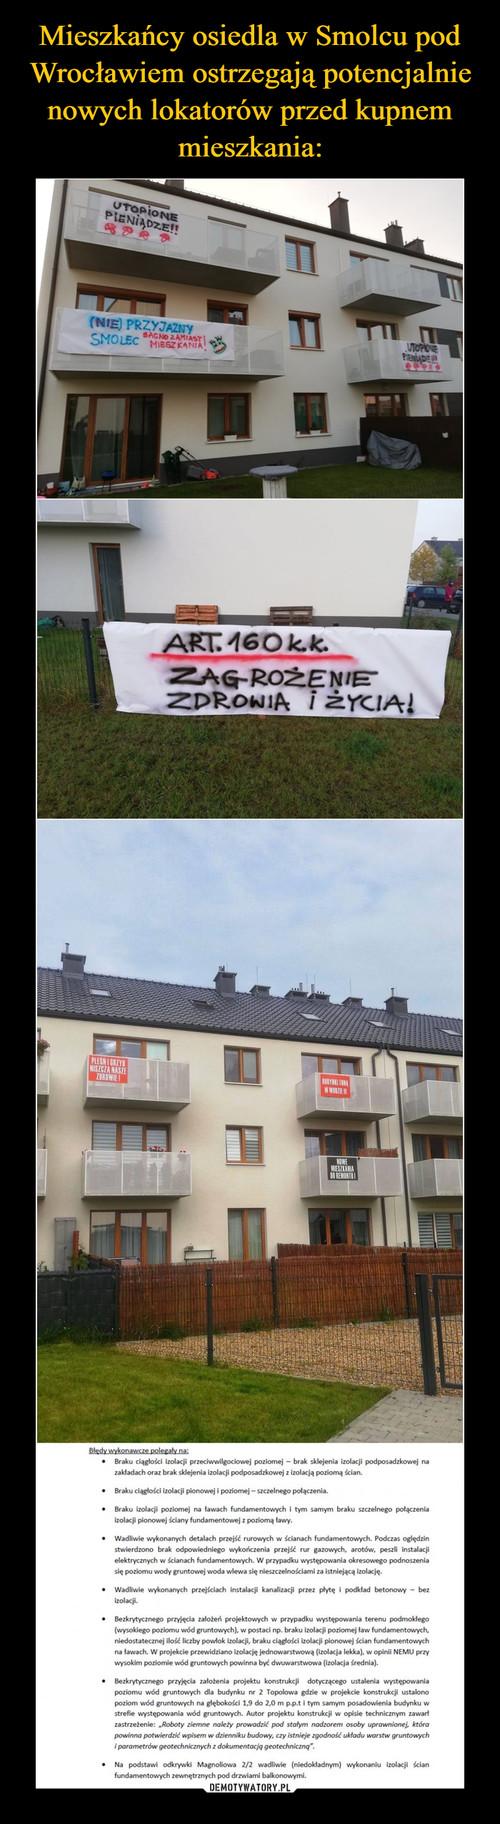 Mieszkańcy osiedla w Smolcu pod Wrocławiem ostrzegają potencjalnie nowych lokatorów przed kupnem mieszkania: